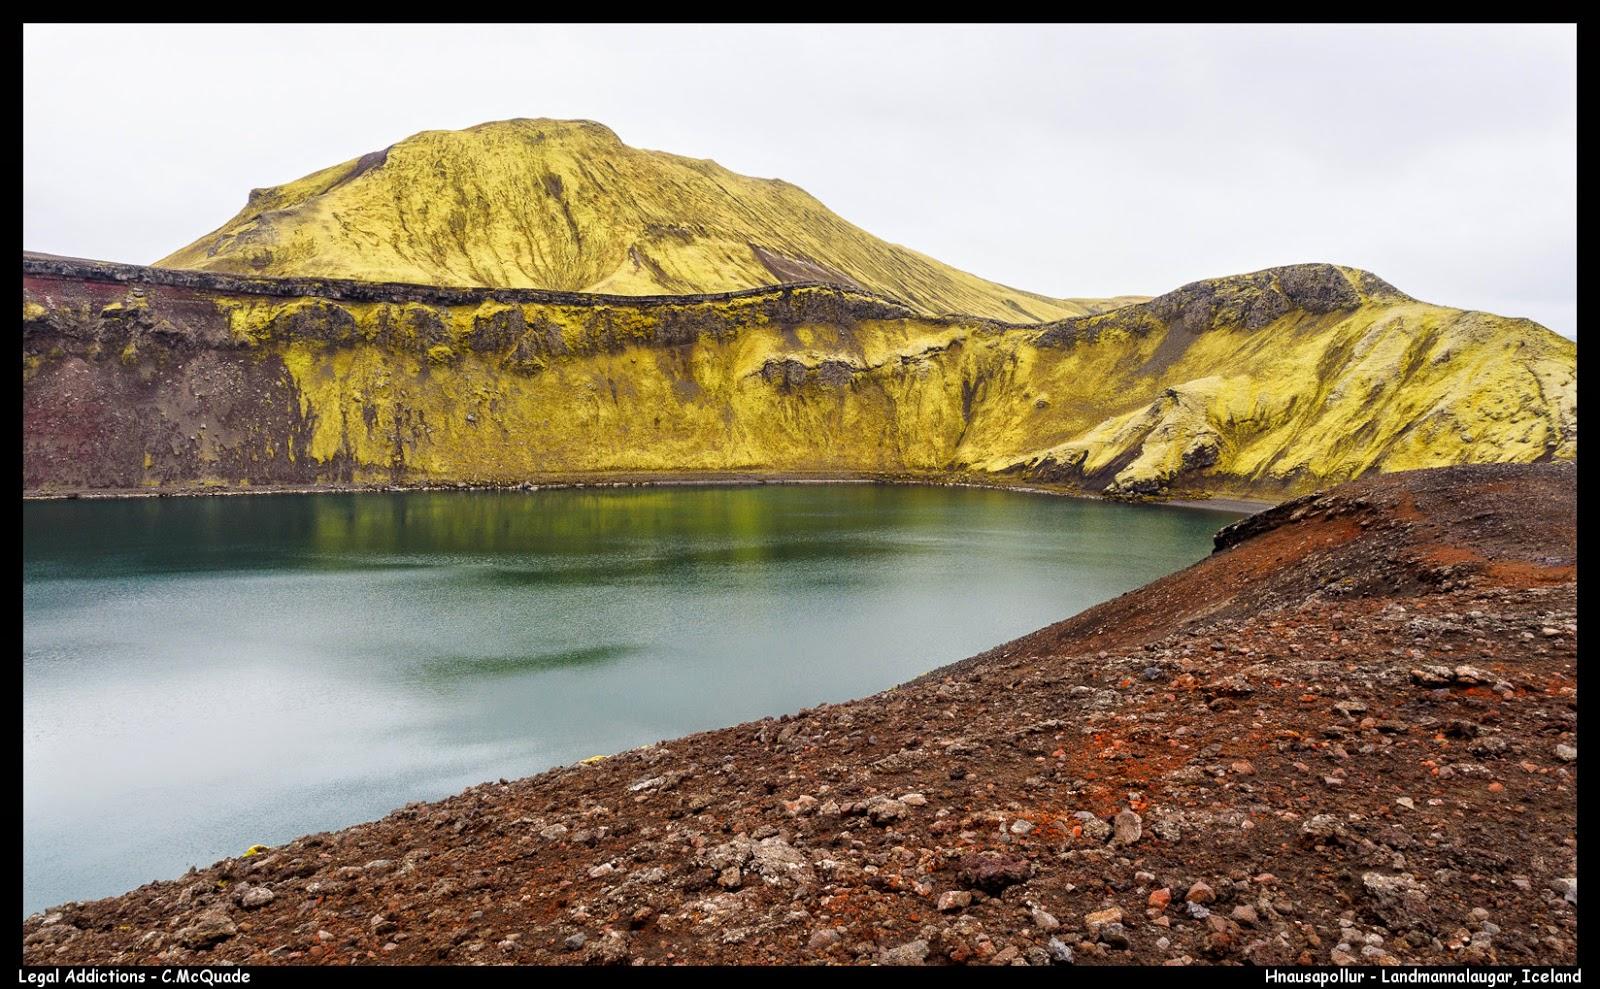 volcanic%2Bcrater%2Blake-20146882.jpg